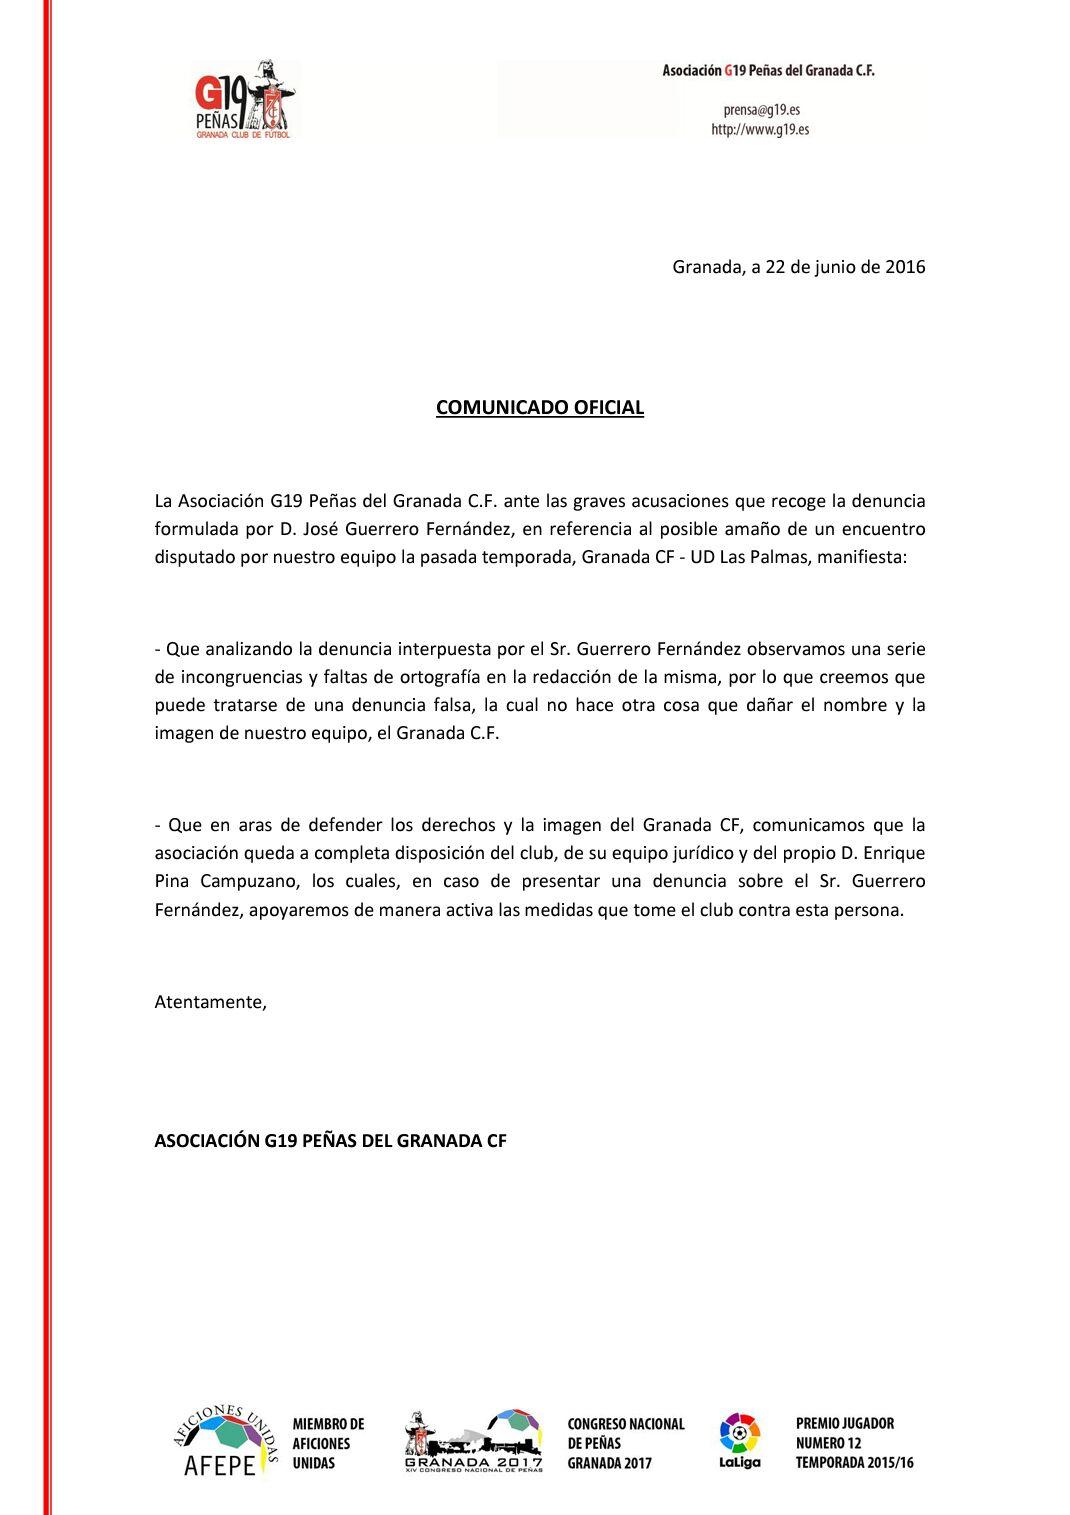 Comunicado denuncia sobre posible amaño Granada CF - UD Las Palmas